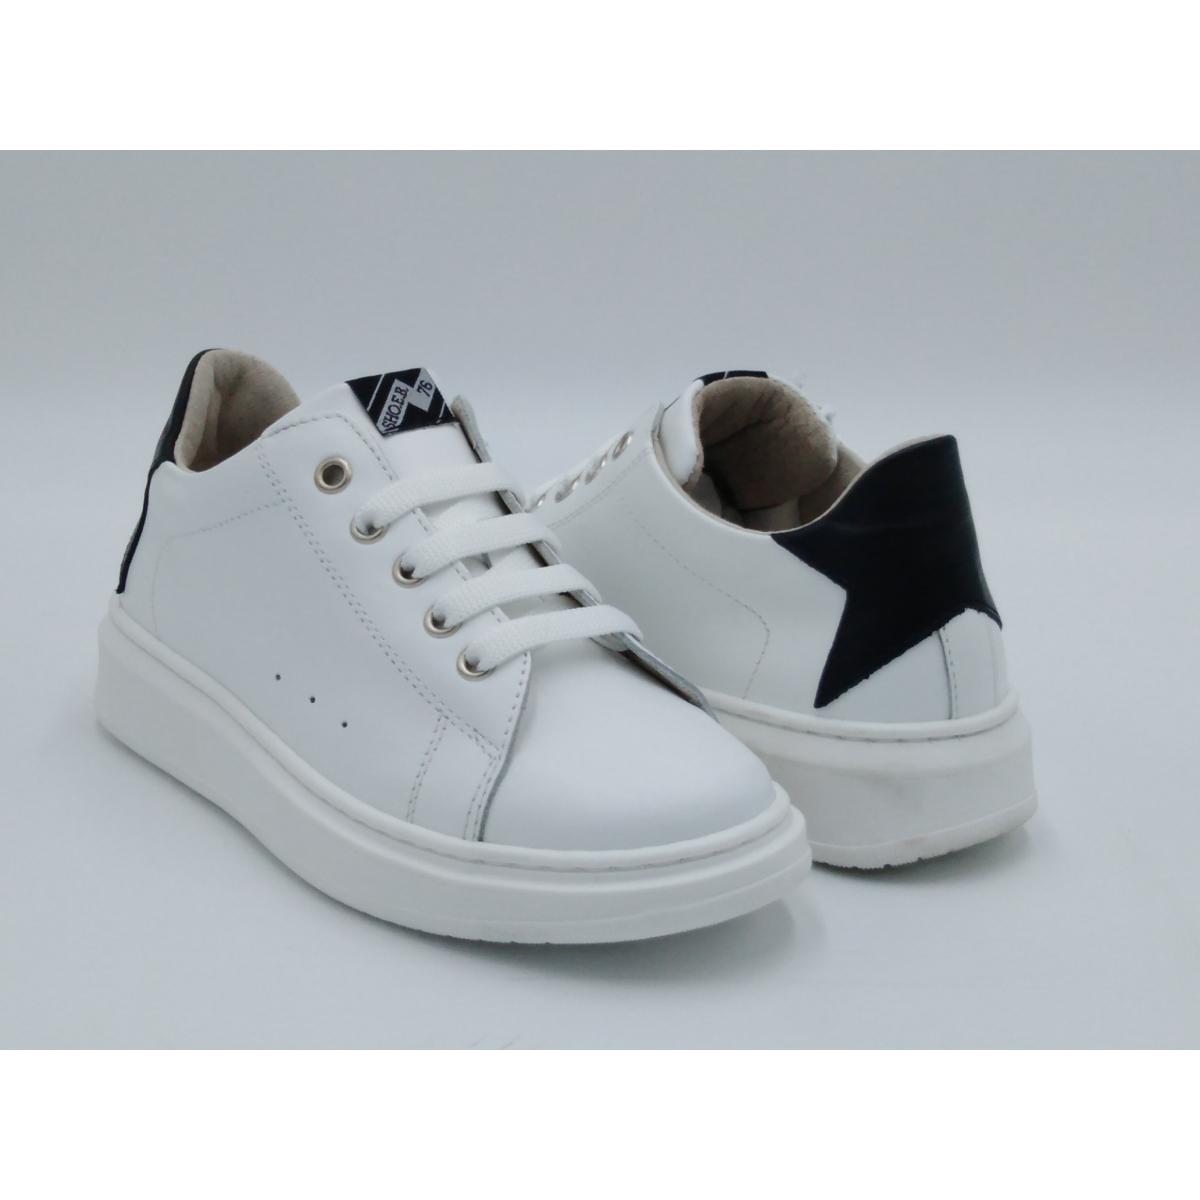 SHO.E.B.76 Sneaker bianca...